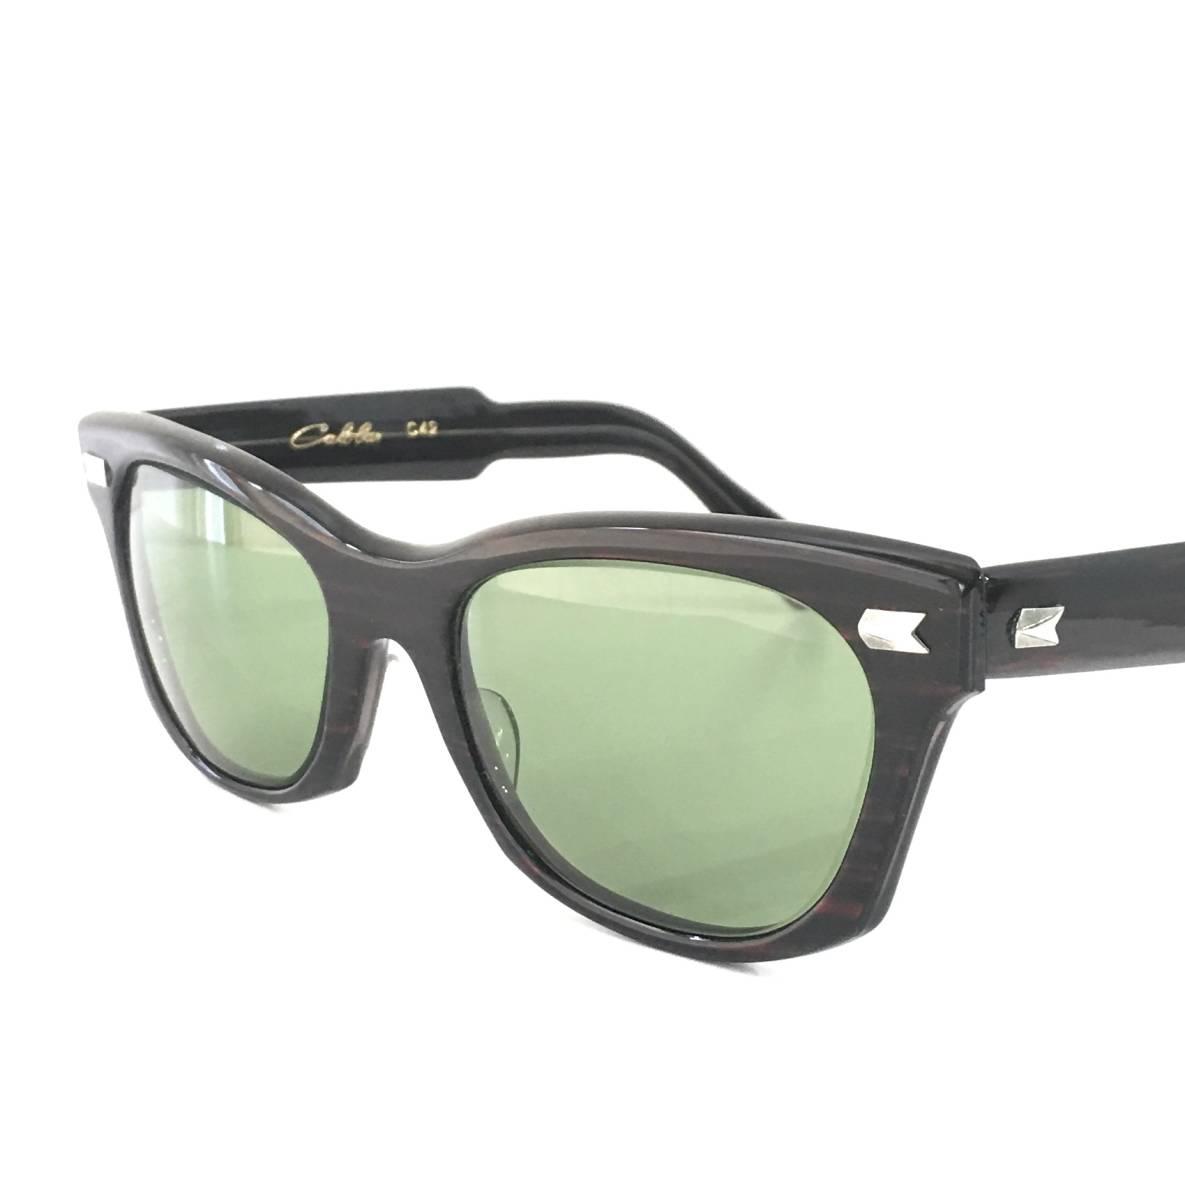 レア物 REDWOOD 1960s American Optical アメリカンオプティカル ビンテージ サングラス